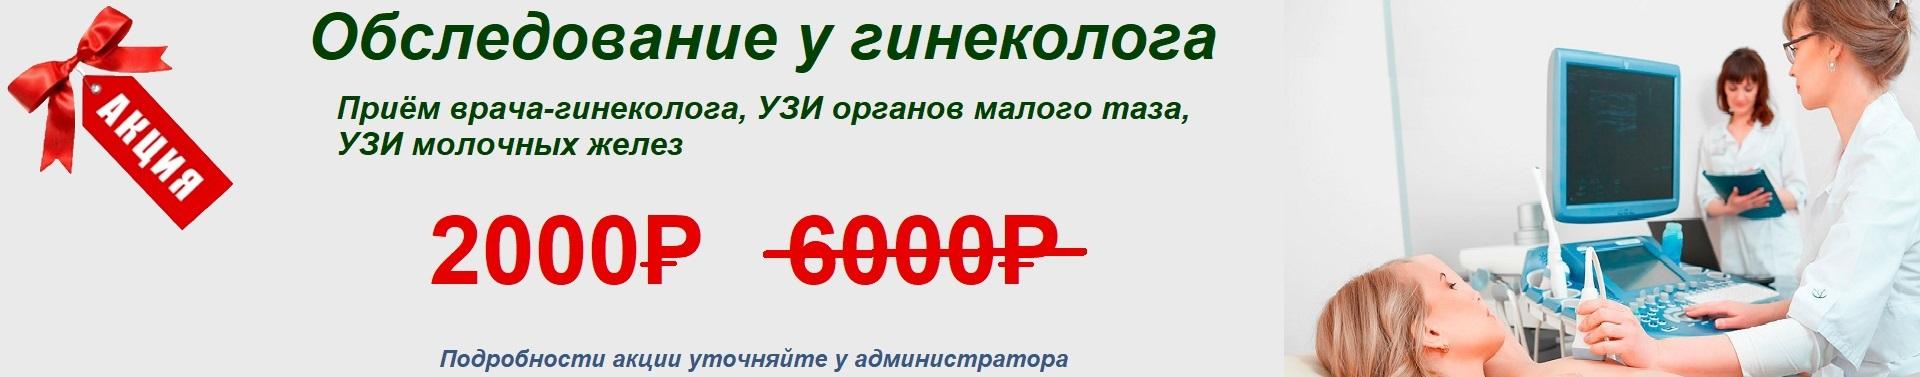 ginek3771